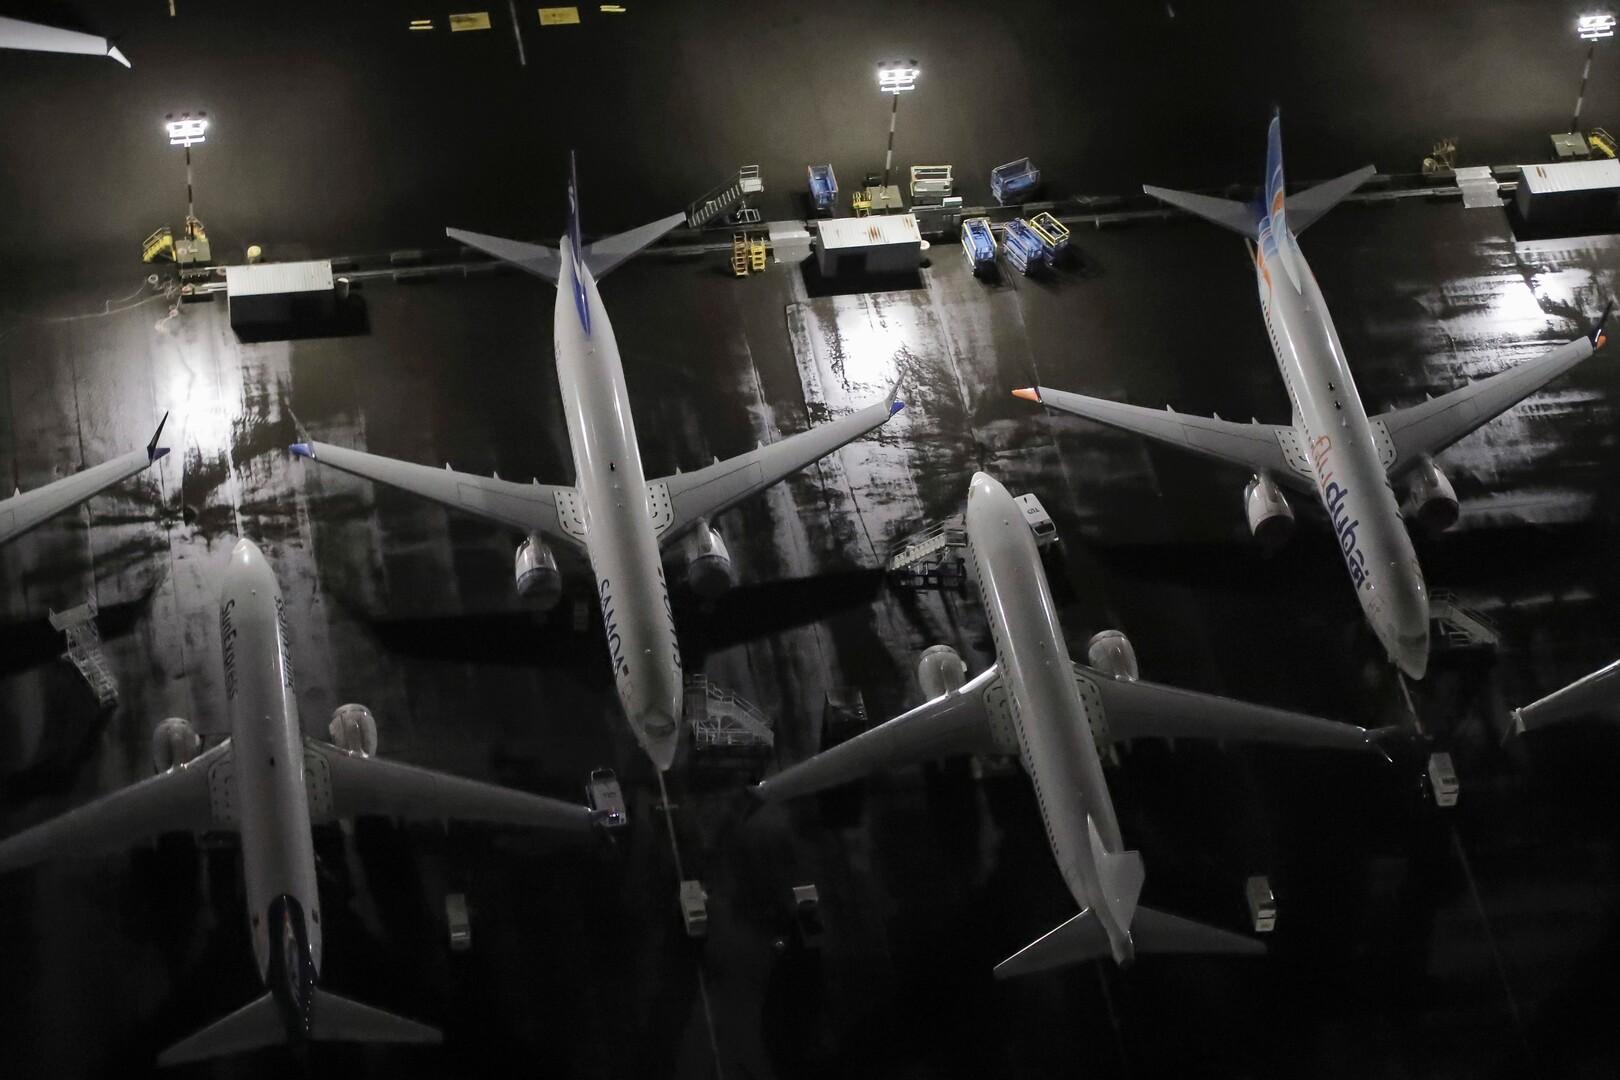 ولادة شركة طيران خليجية جديدة